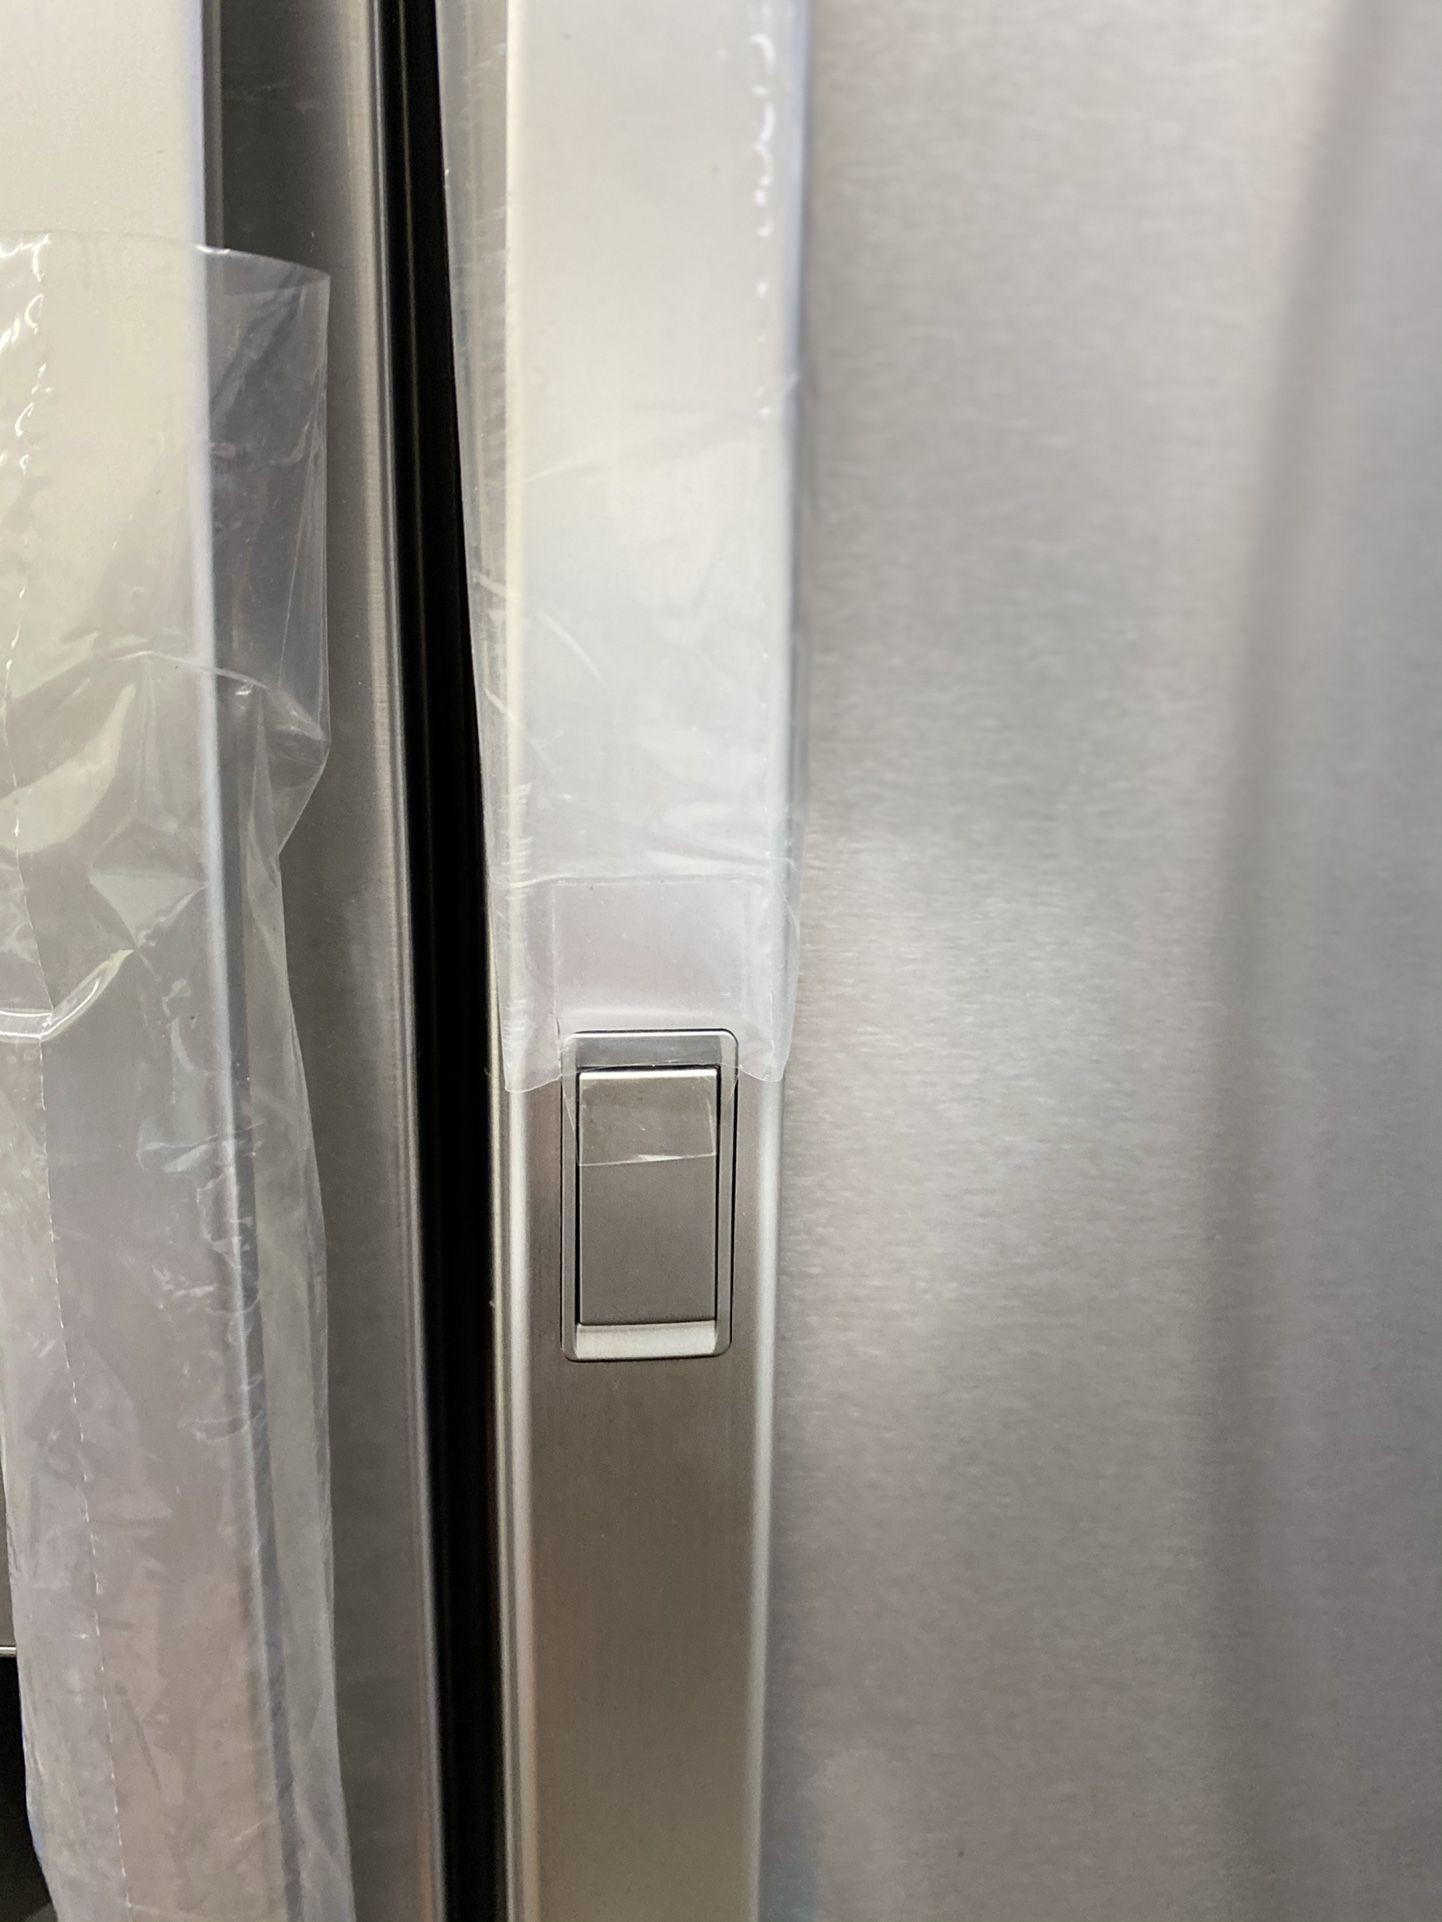 NEW ! 29.5 CU FT LG 4 DOOR REFRIGERATOR IN STAINLESS STEEL WITH ICE/WATER DISPENSER & SHOW CASE DOOR